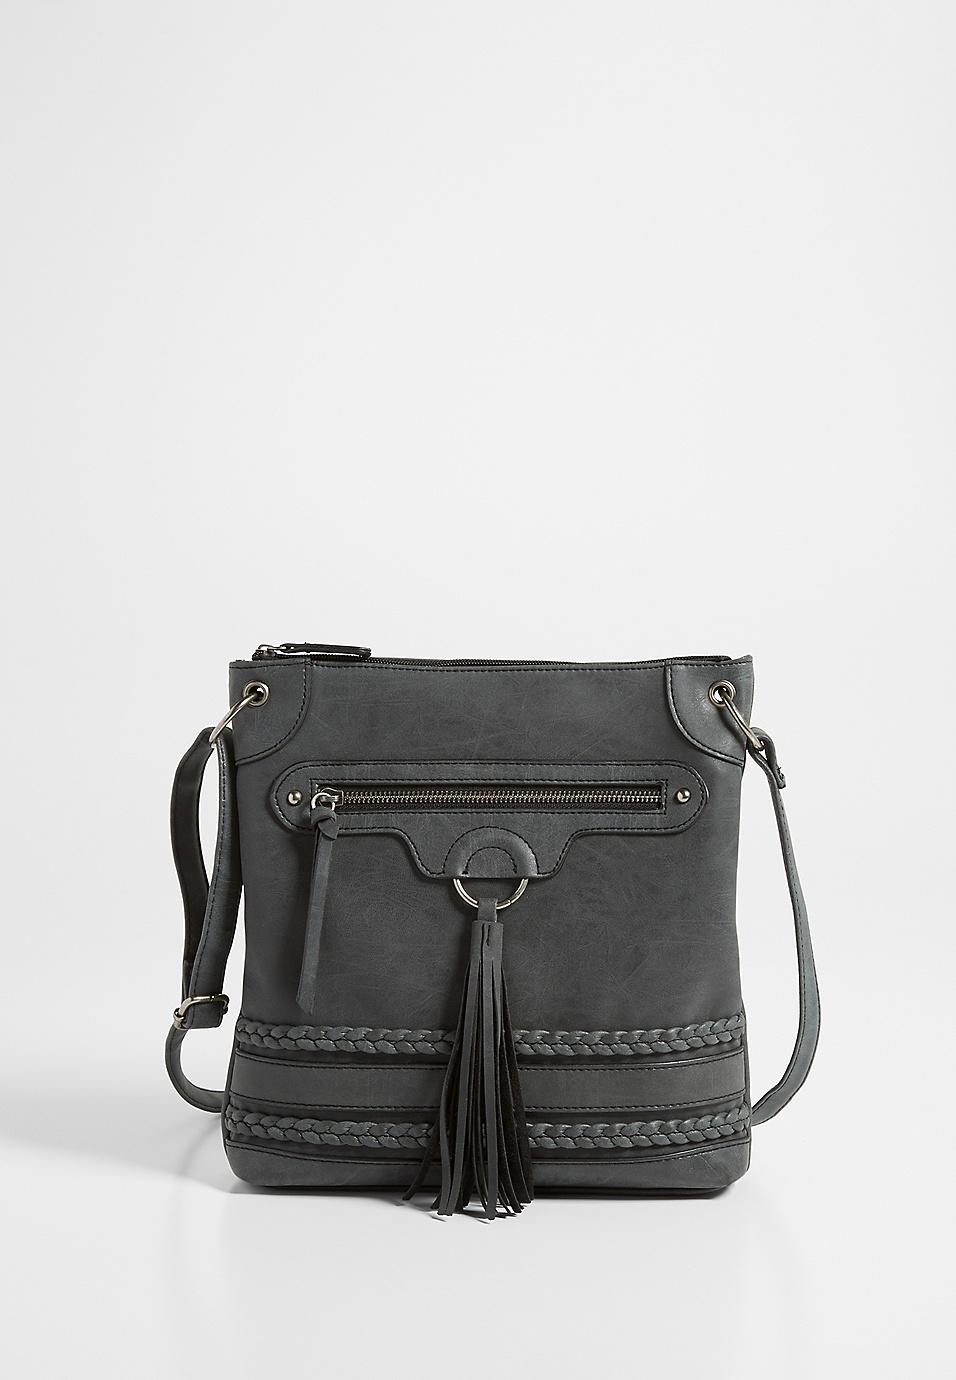 b1d75a4350 tassel braid crossbody bag